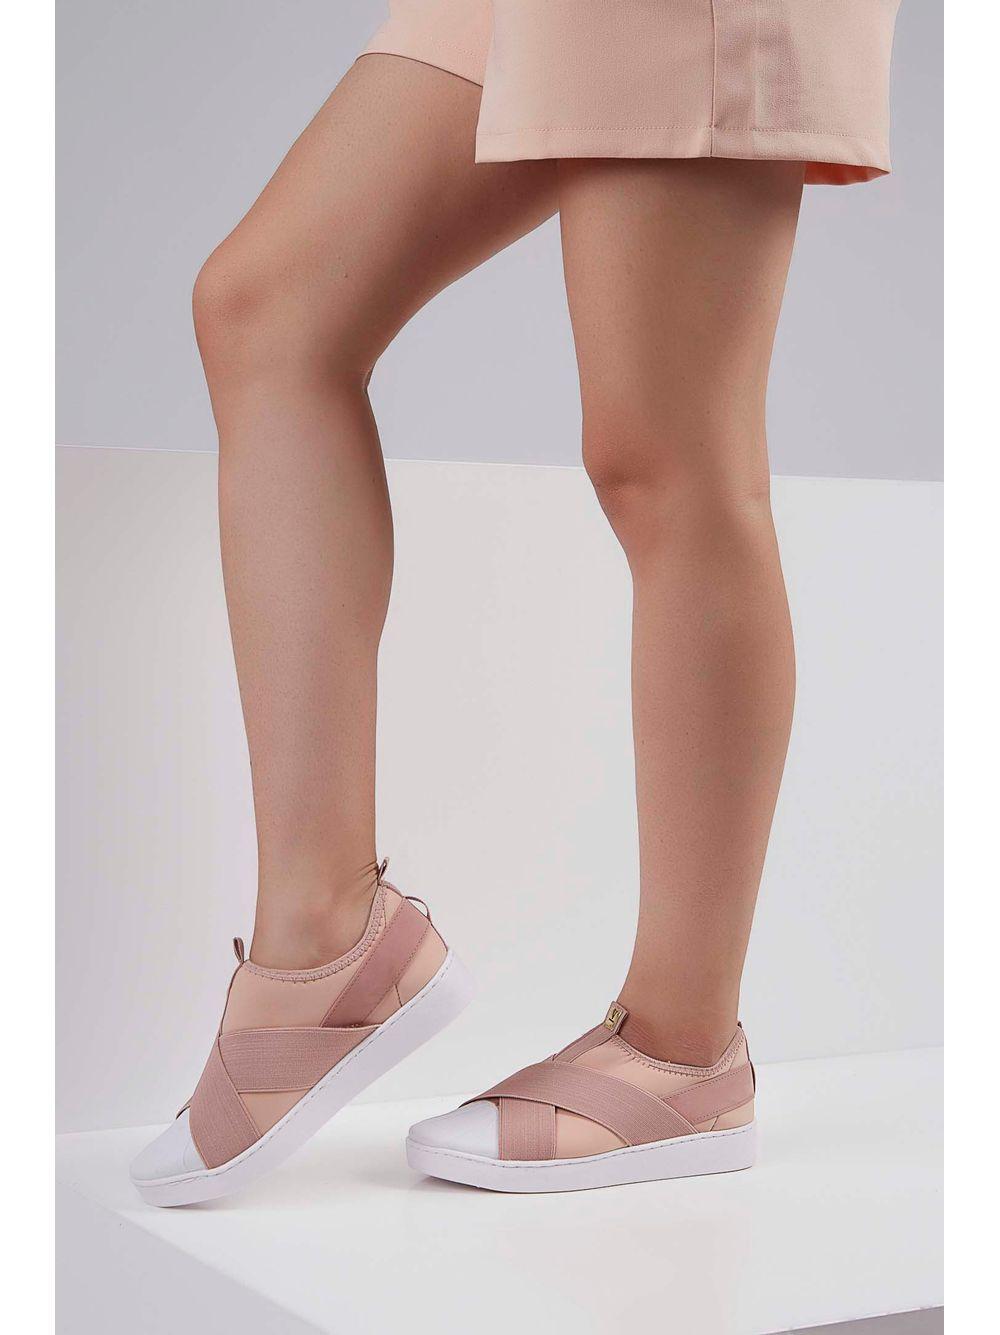 c04514a01a pittol · Calçado Feminino · Tênis · Casual. 10%. Previous